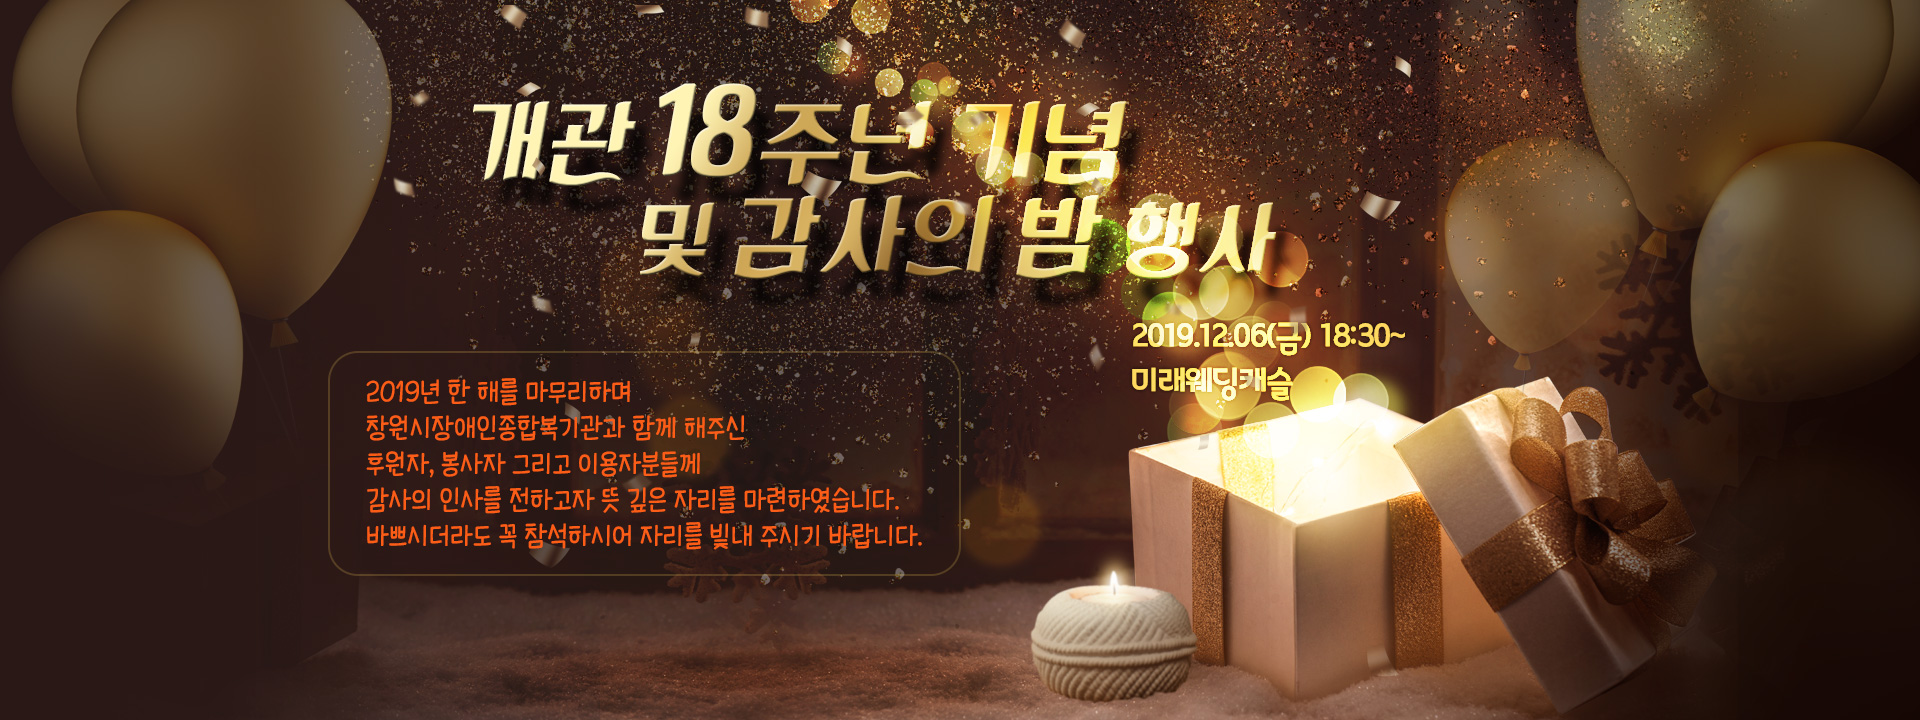 개관 18주년 기념 및 감사의 밤 행사 2019.12.06(금) 18:30~ 미래웨딩캐슬